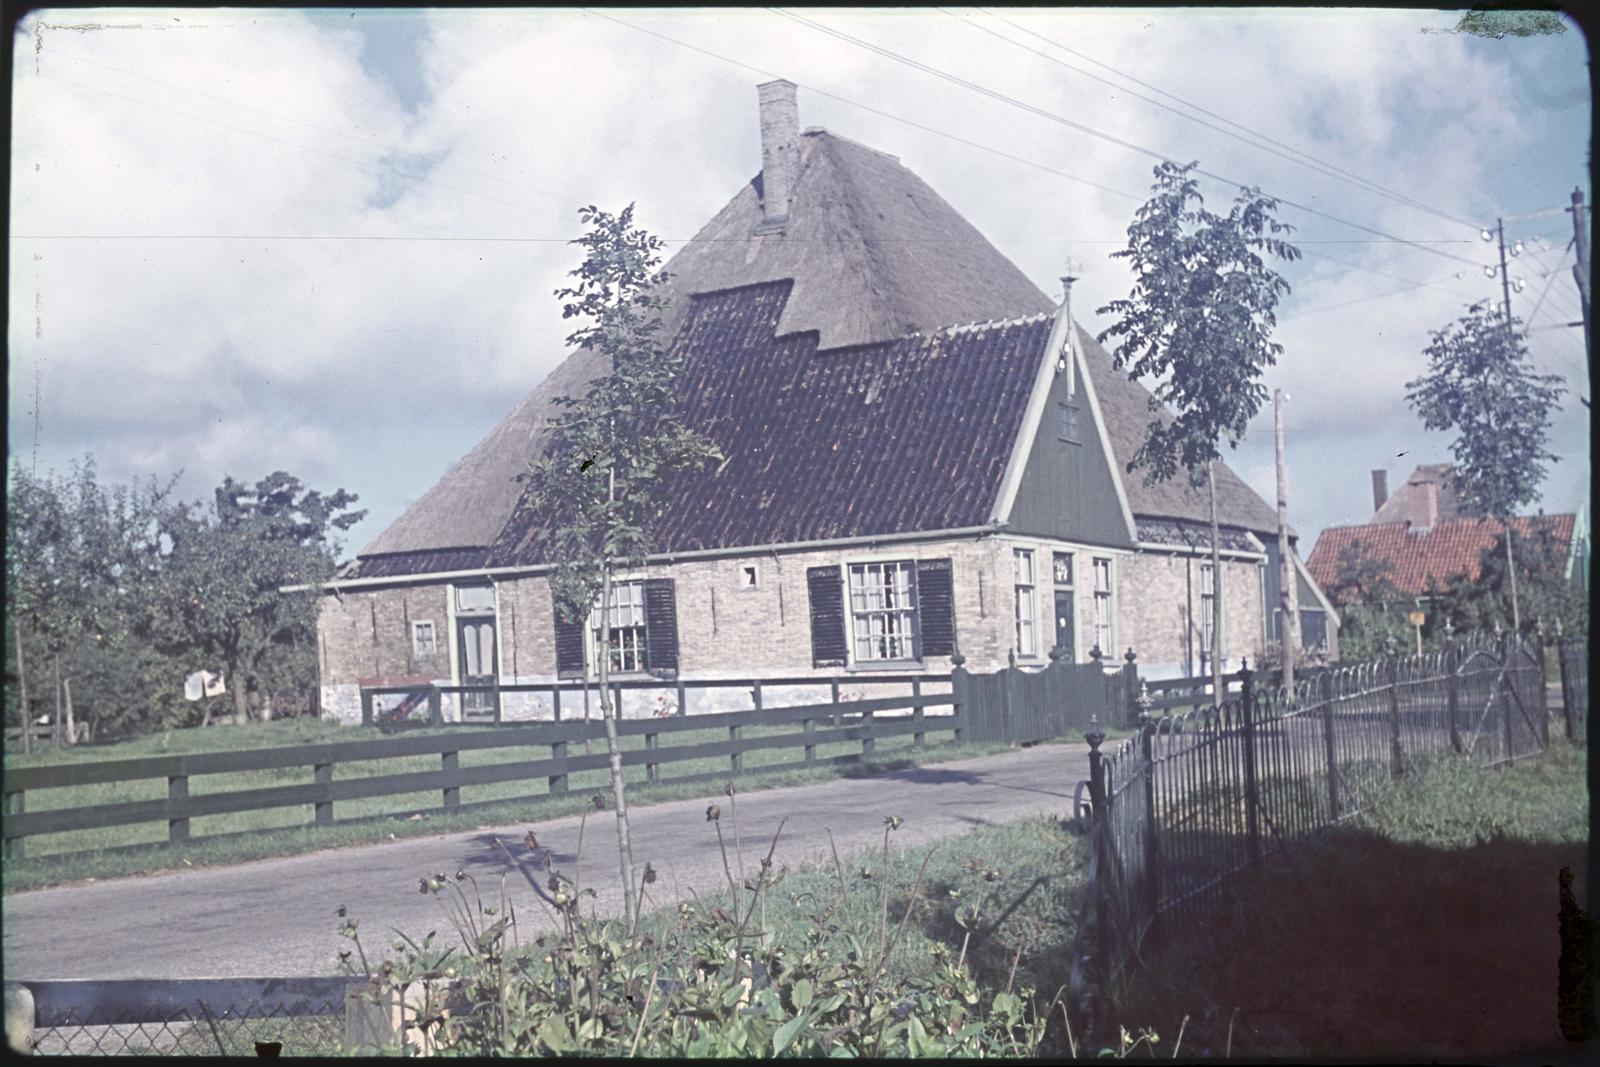 Westfriese stolpboerderij